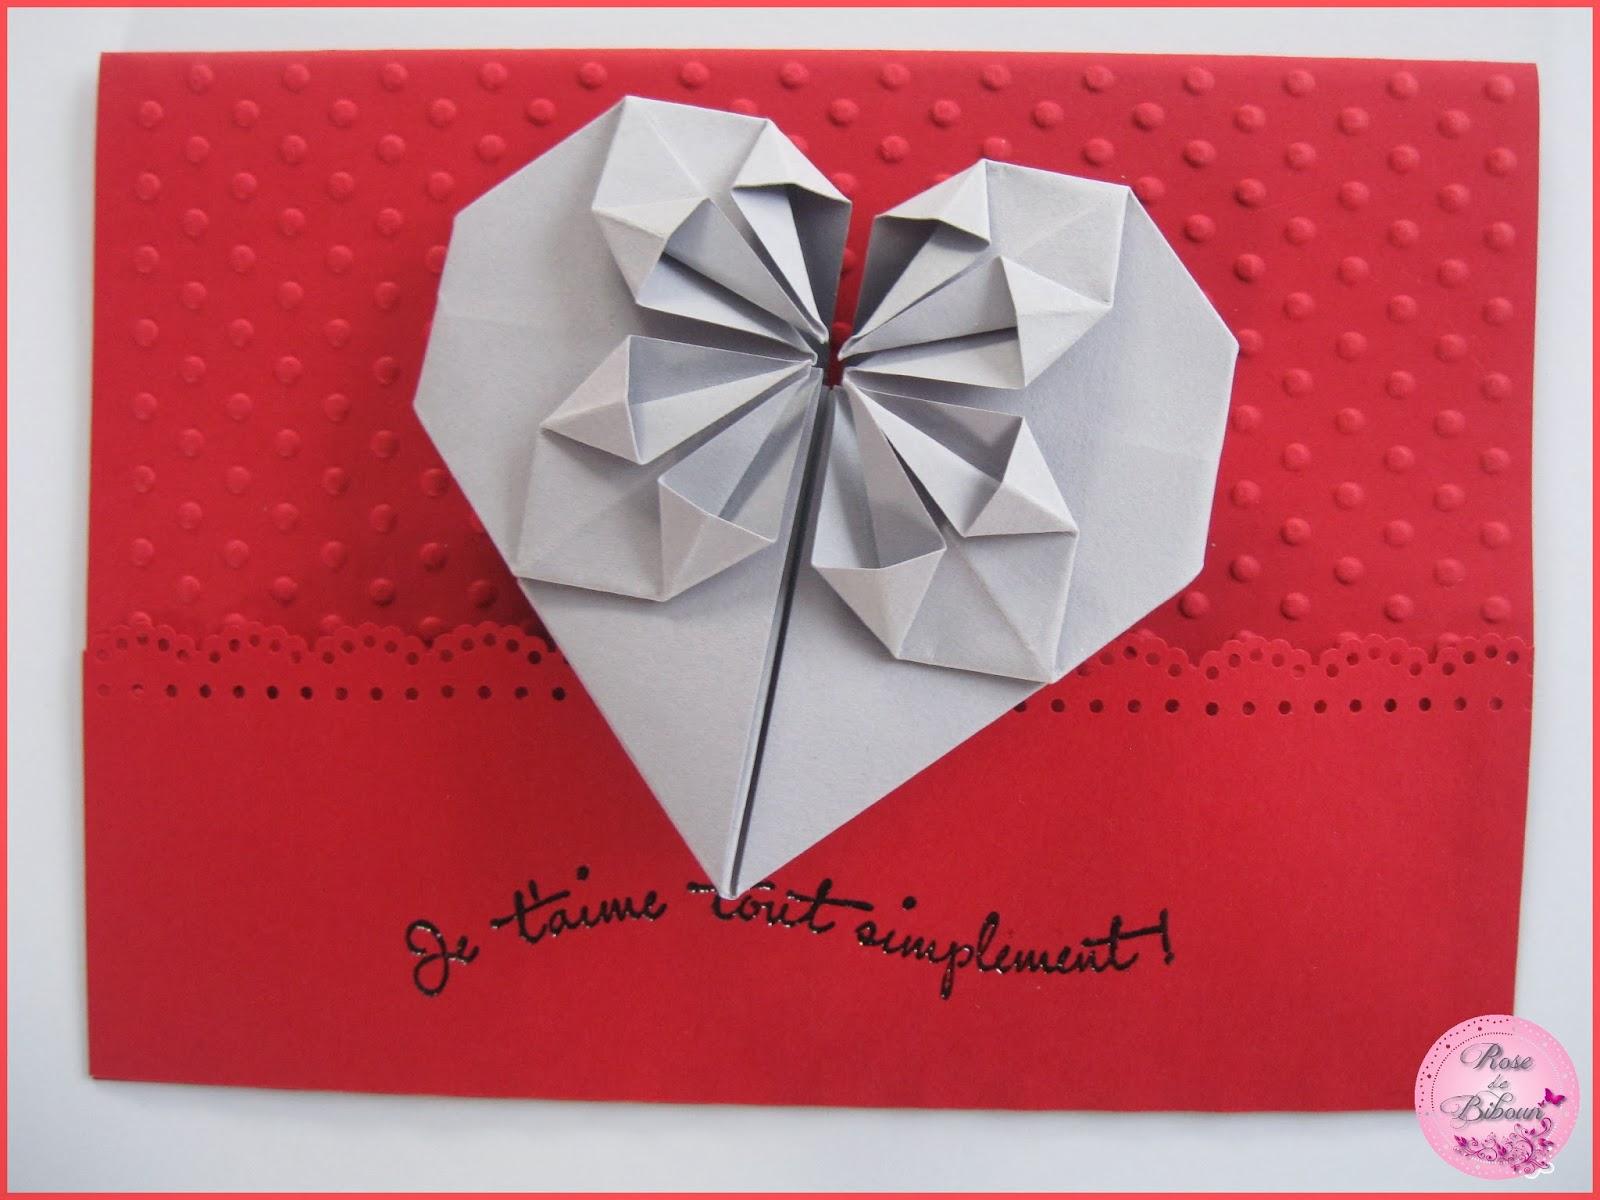 rose de biboun papeterie de saint valentin carterie kits et tampons grav s la main. Black Bedroom Furniture Sets. Home Design Ideas